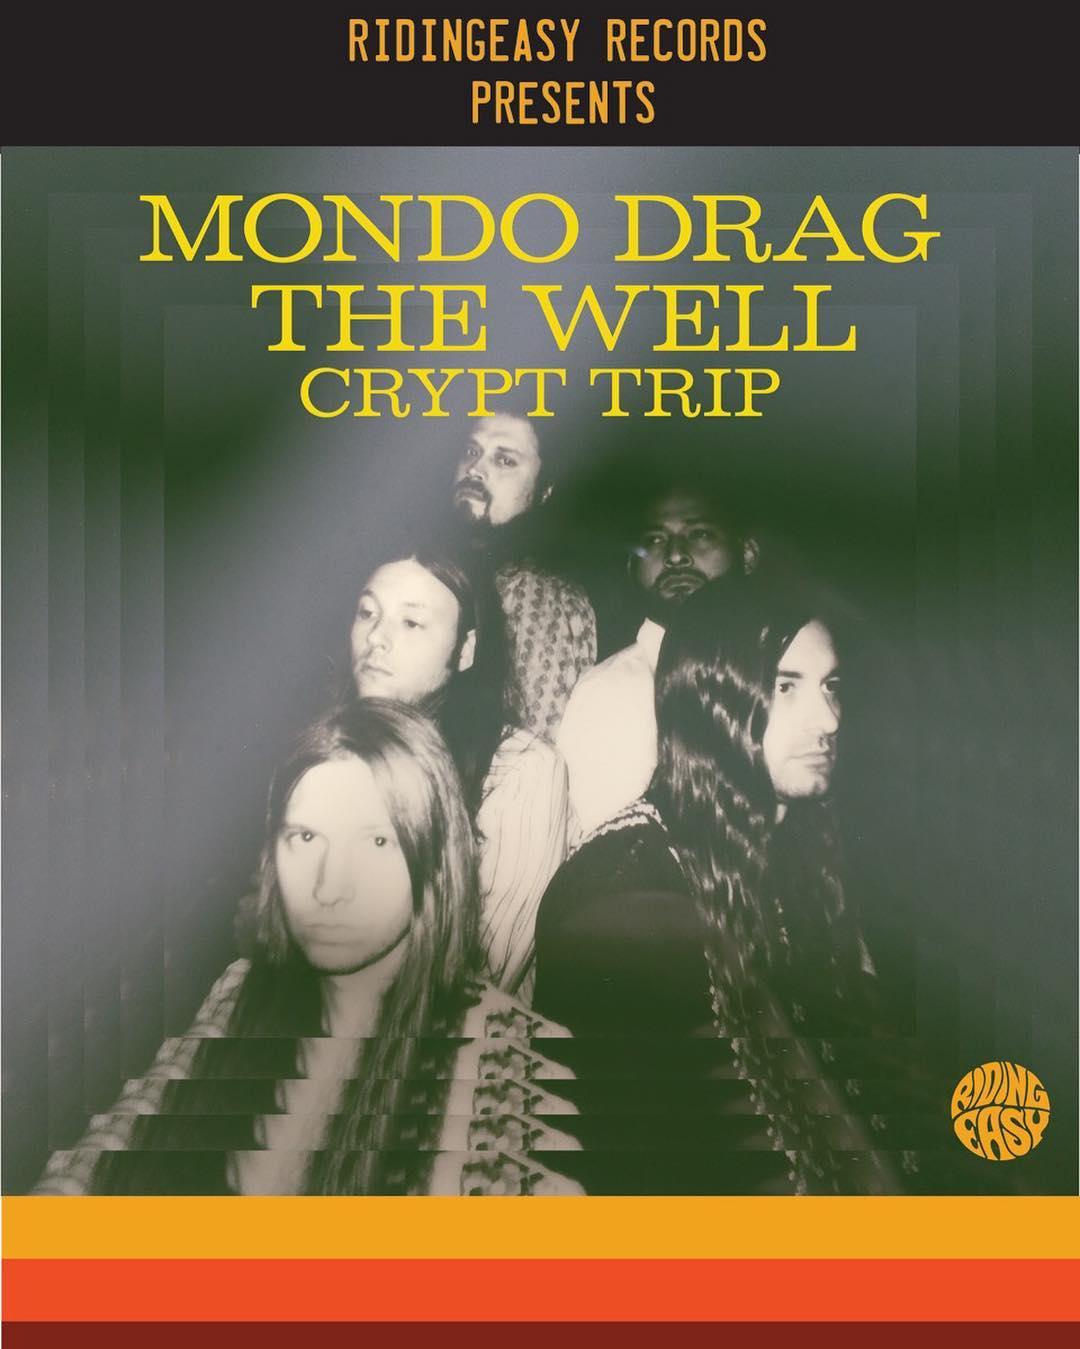 mondo drag the well tour